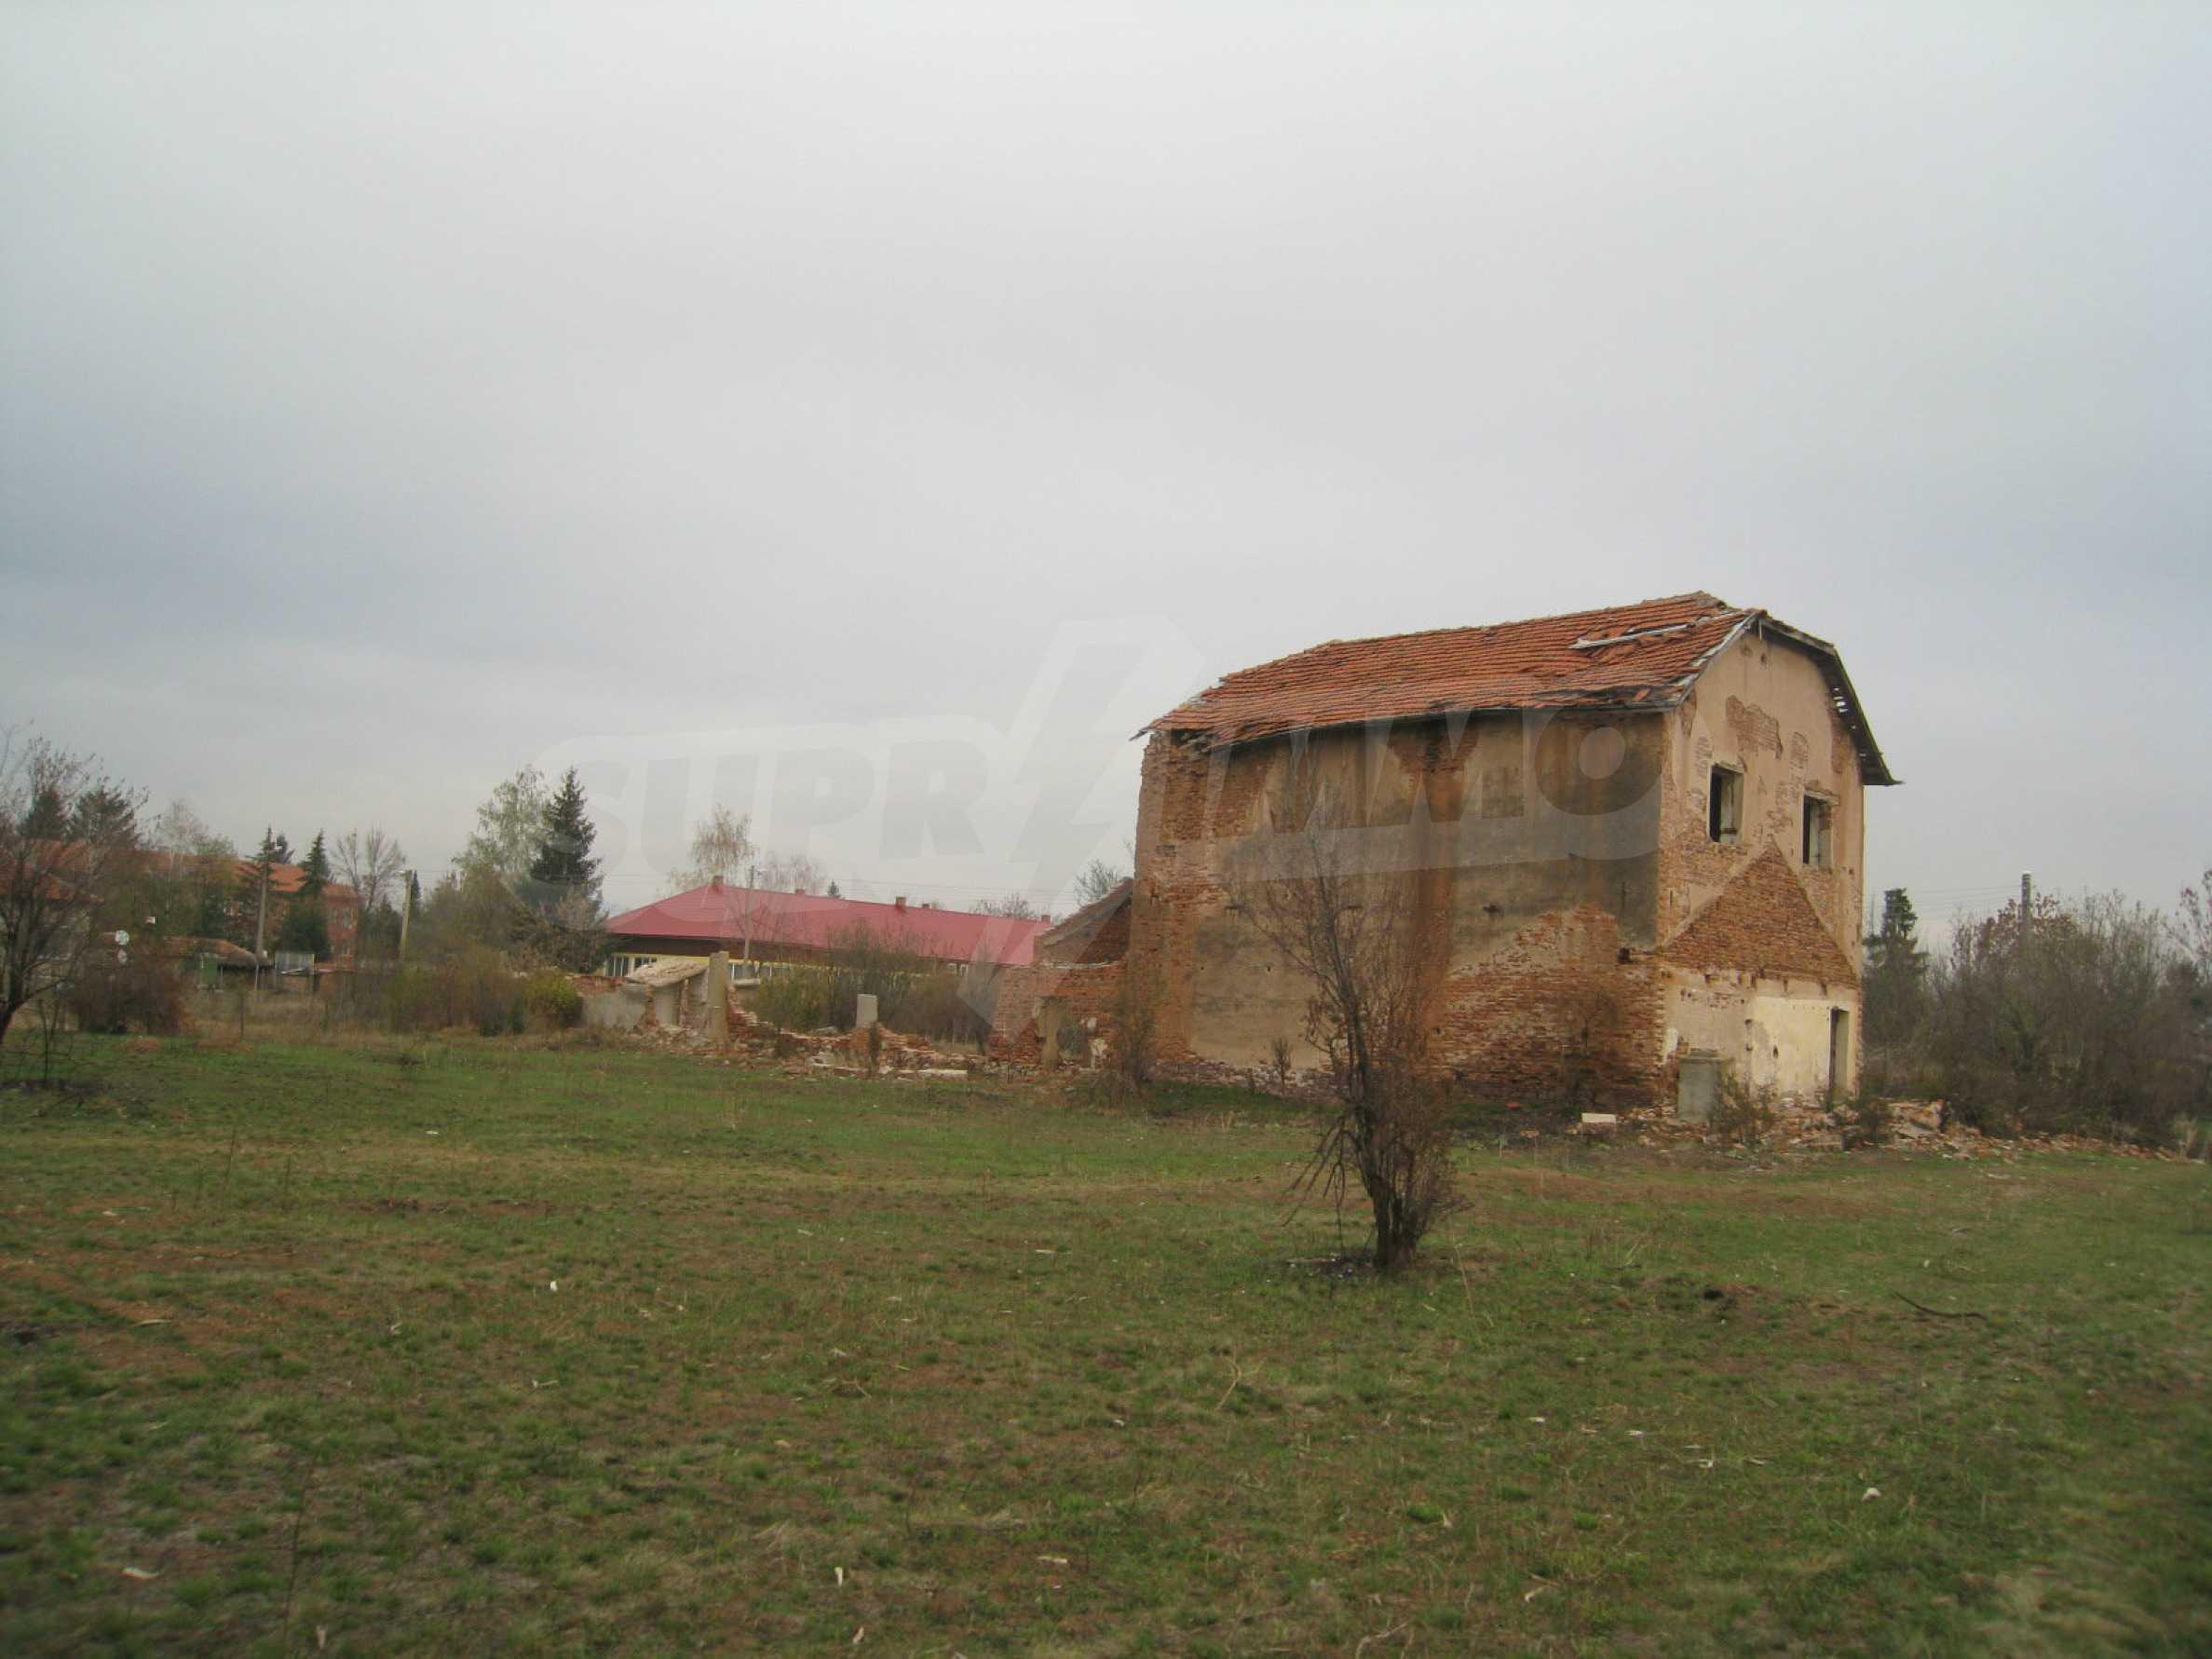 Solides dreistöckiges Gebäude (ehemalige Mühle) mit Hof in der Nähe von Elin Pelin 20